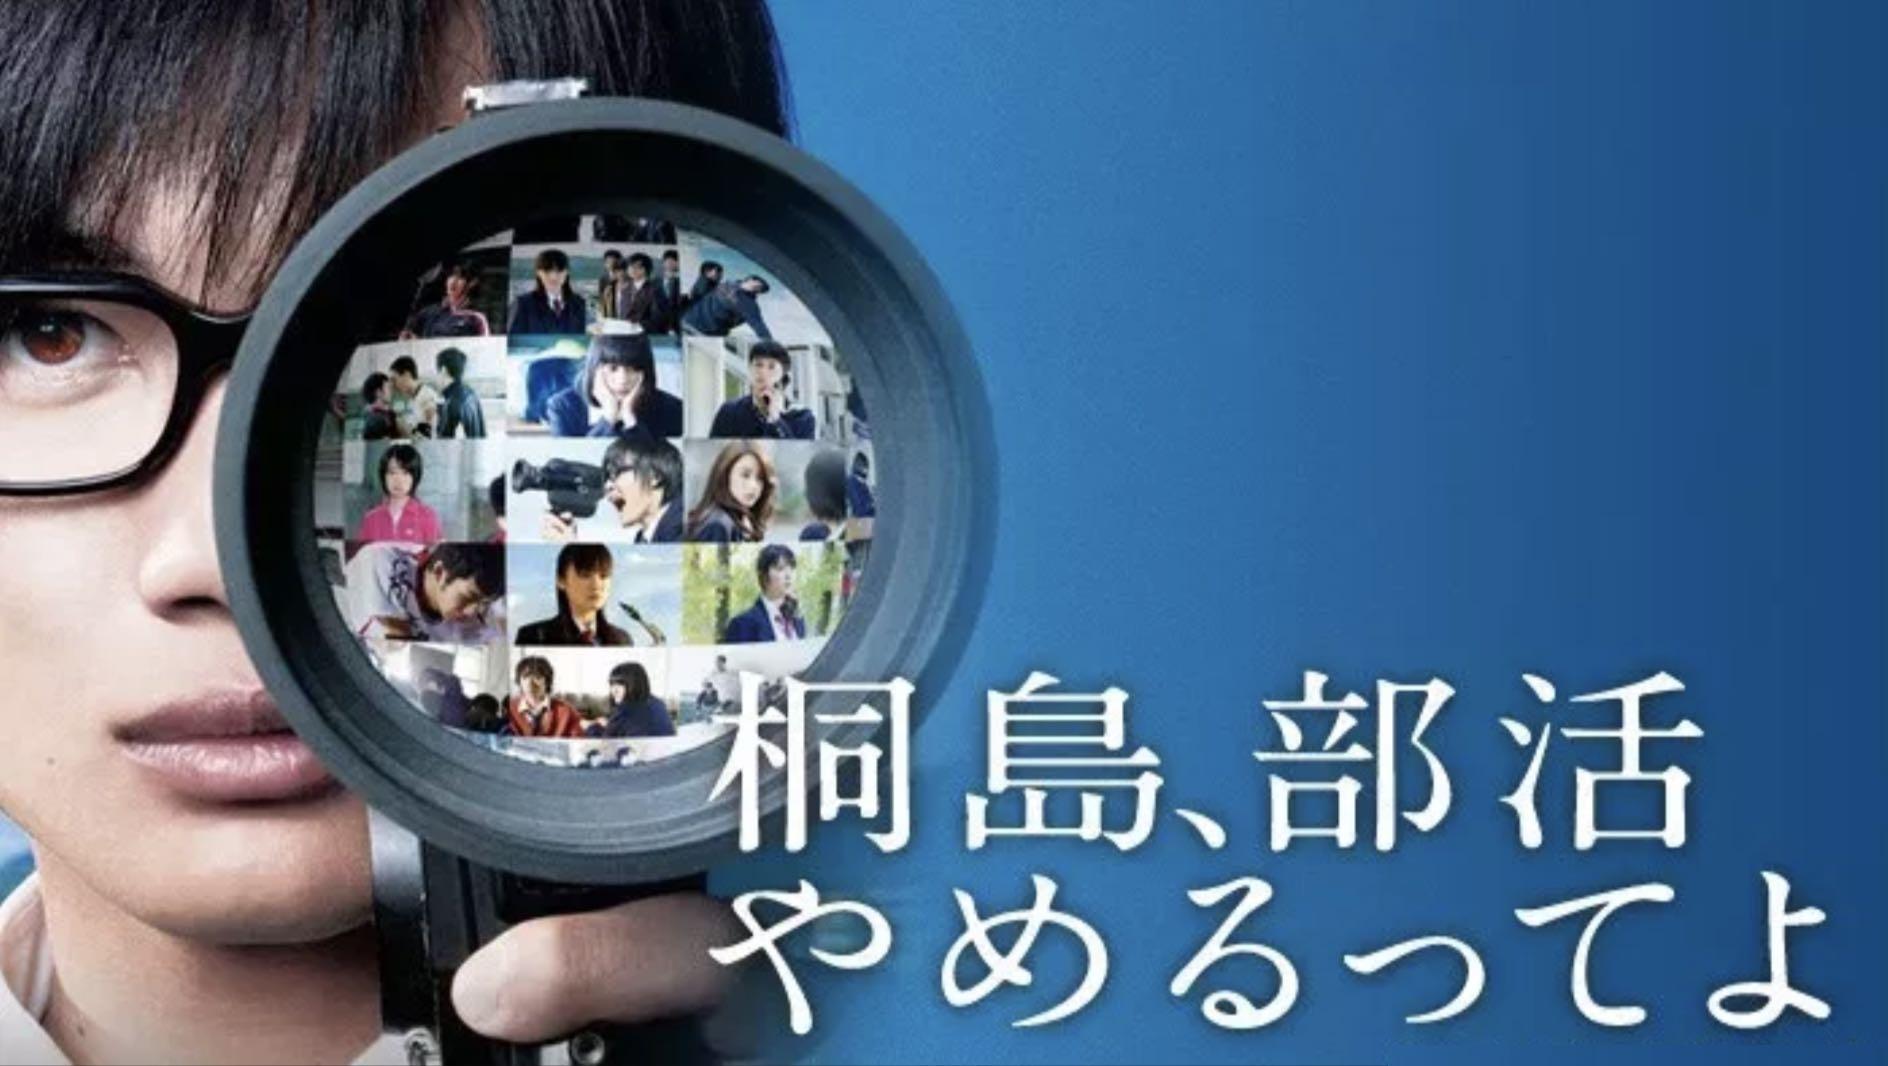 桐島、部活やめるってよ(映画)の動画無料フル視聴方法とあらすじや感想も!Pandora・Dailymotion他